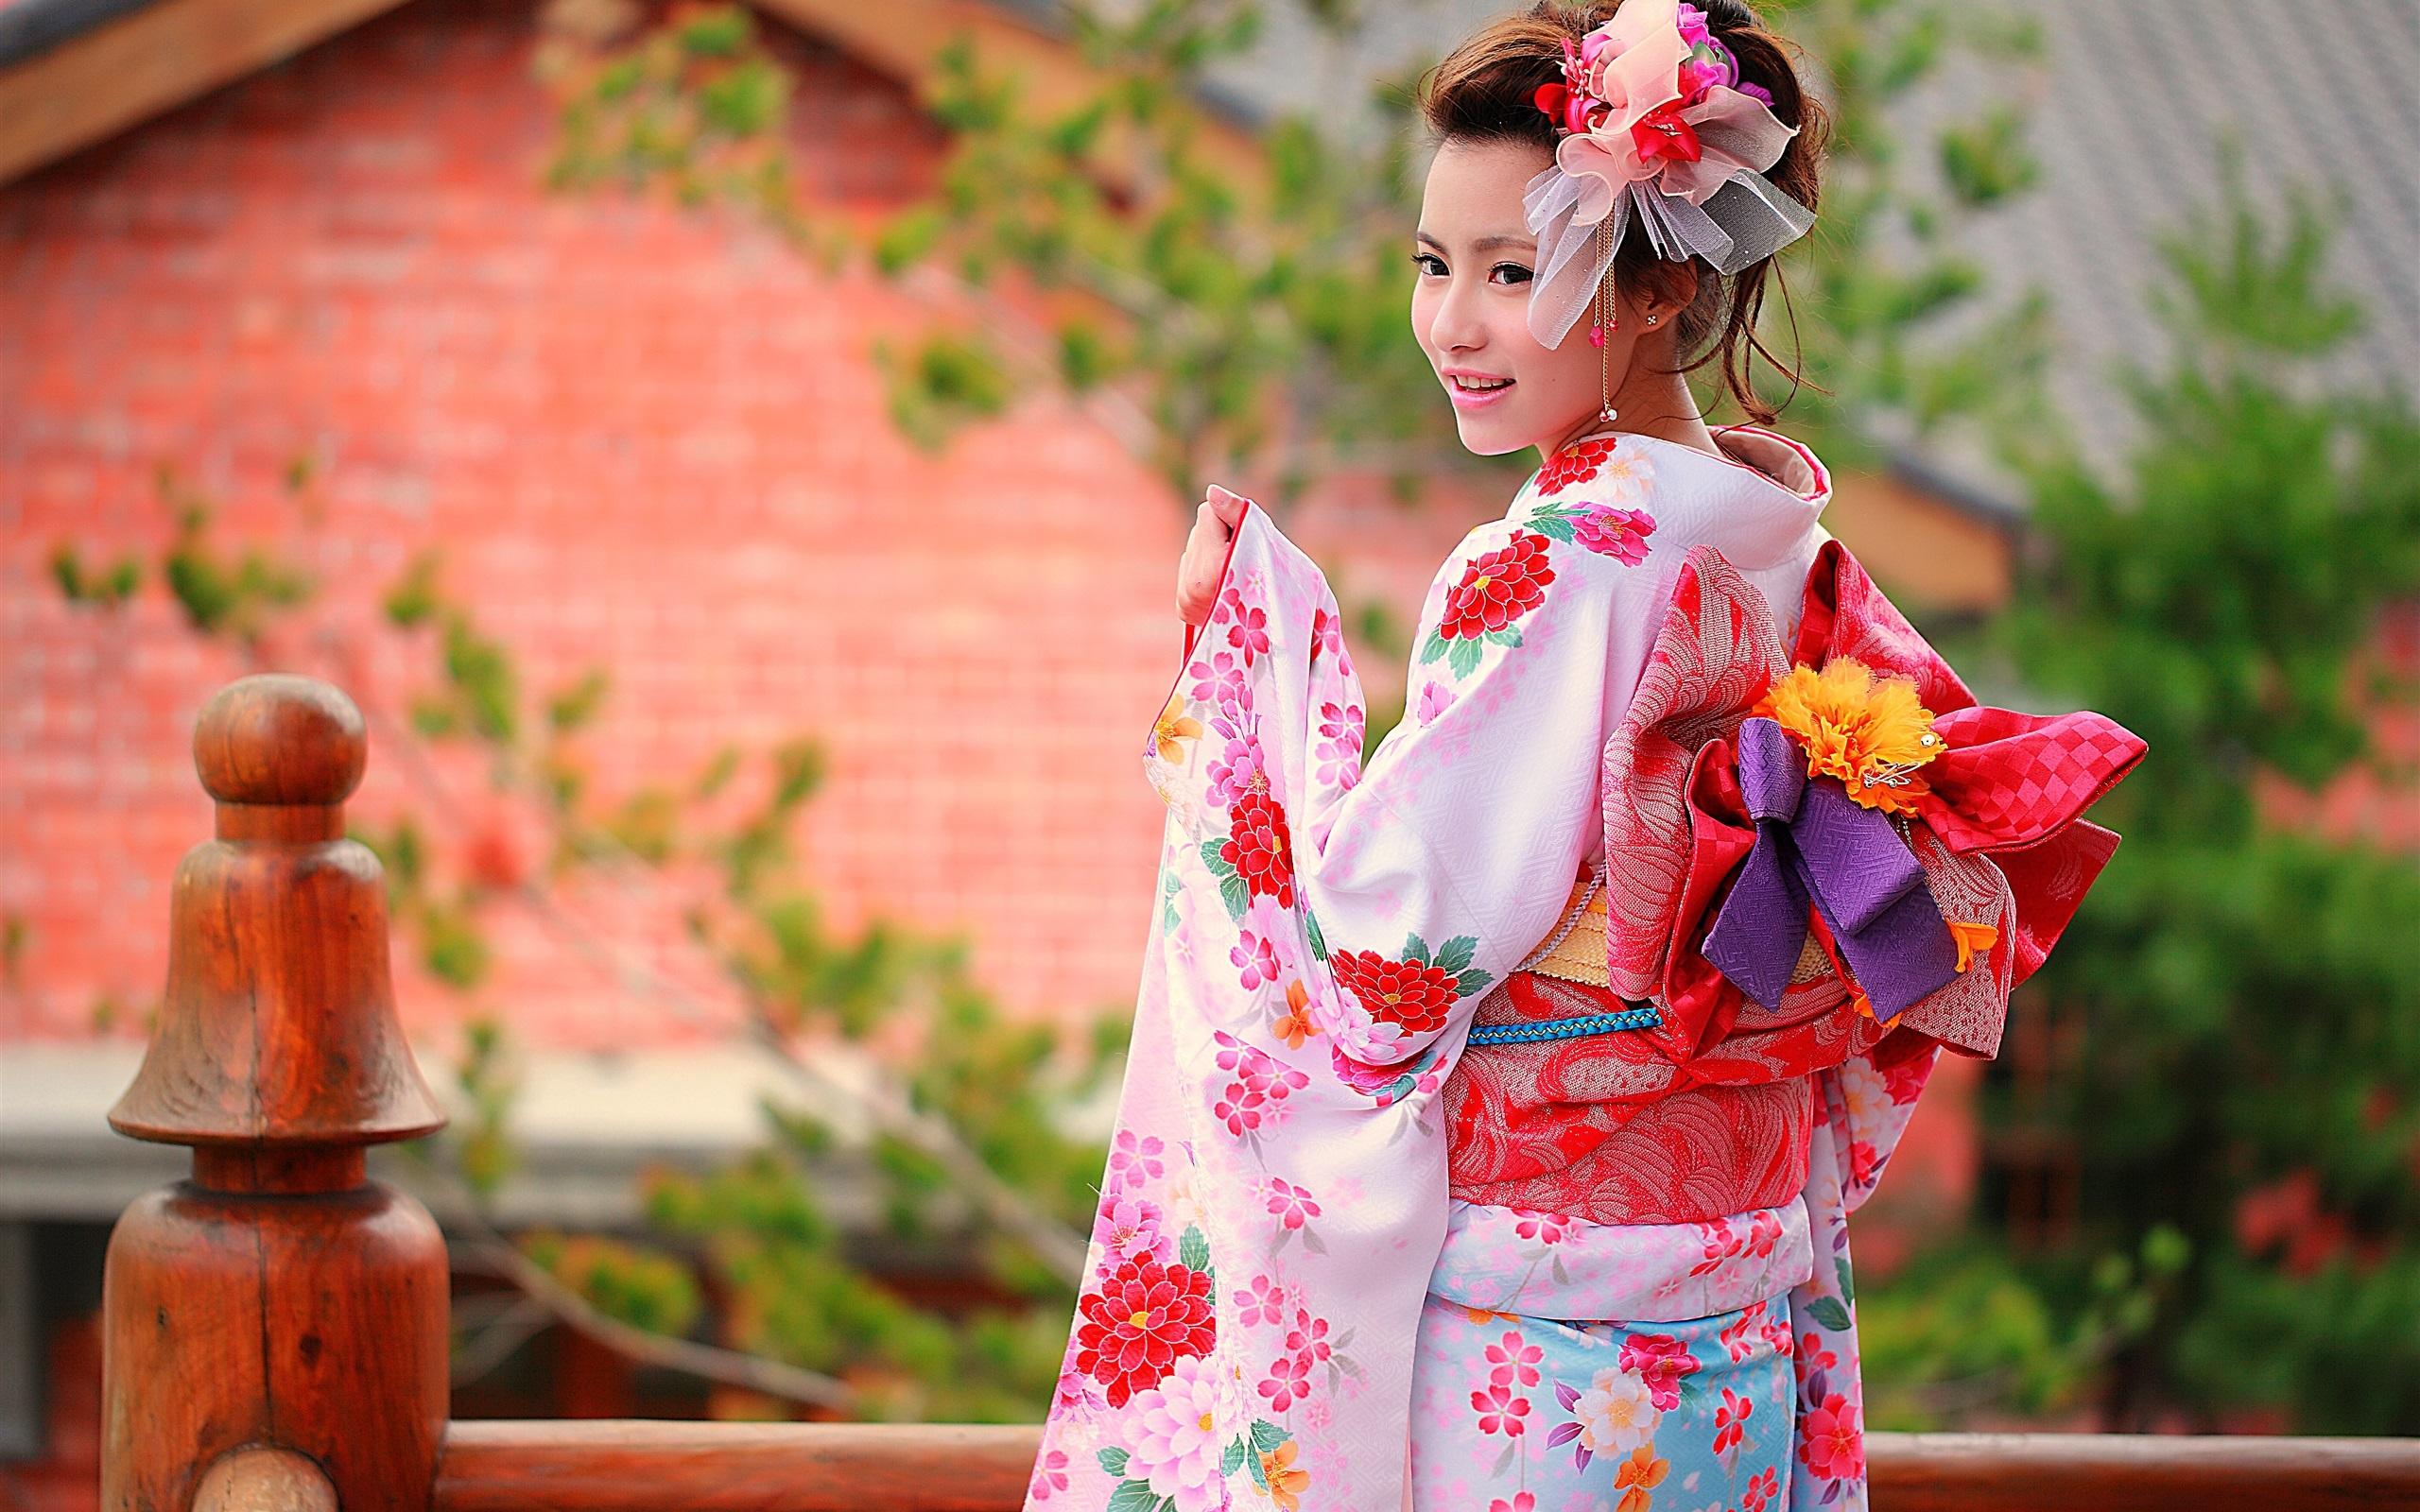 壁紙 カラフルな服 着物 日本の女の子の笑顔 2560x1600 Hd 無料の